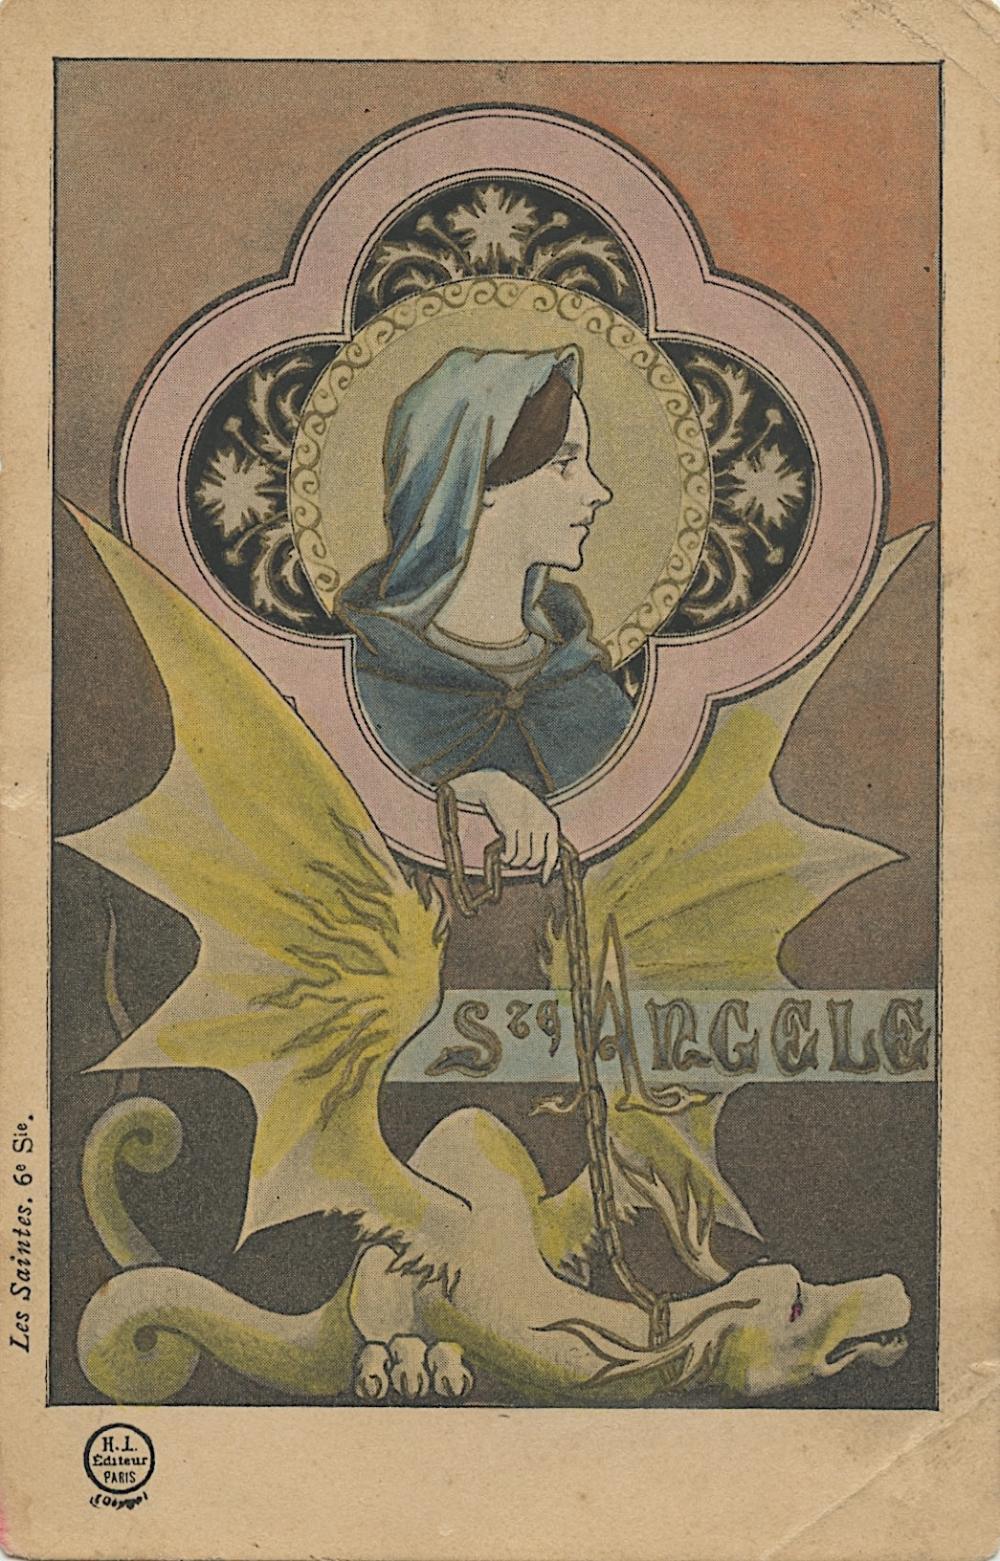 Antique Vintage Rare Postcard Illust. Deco Nouveau